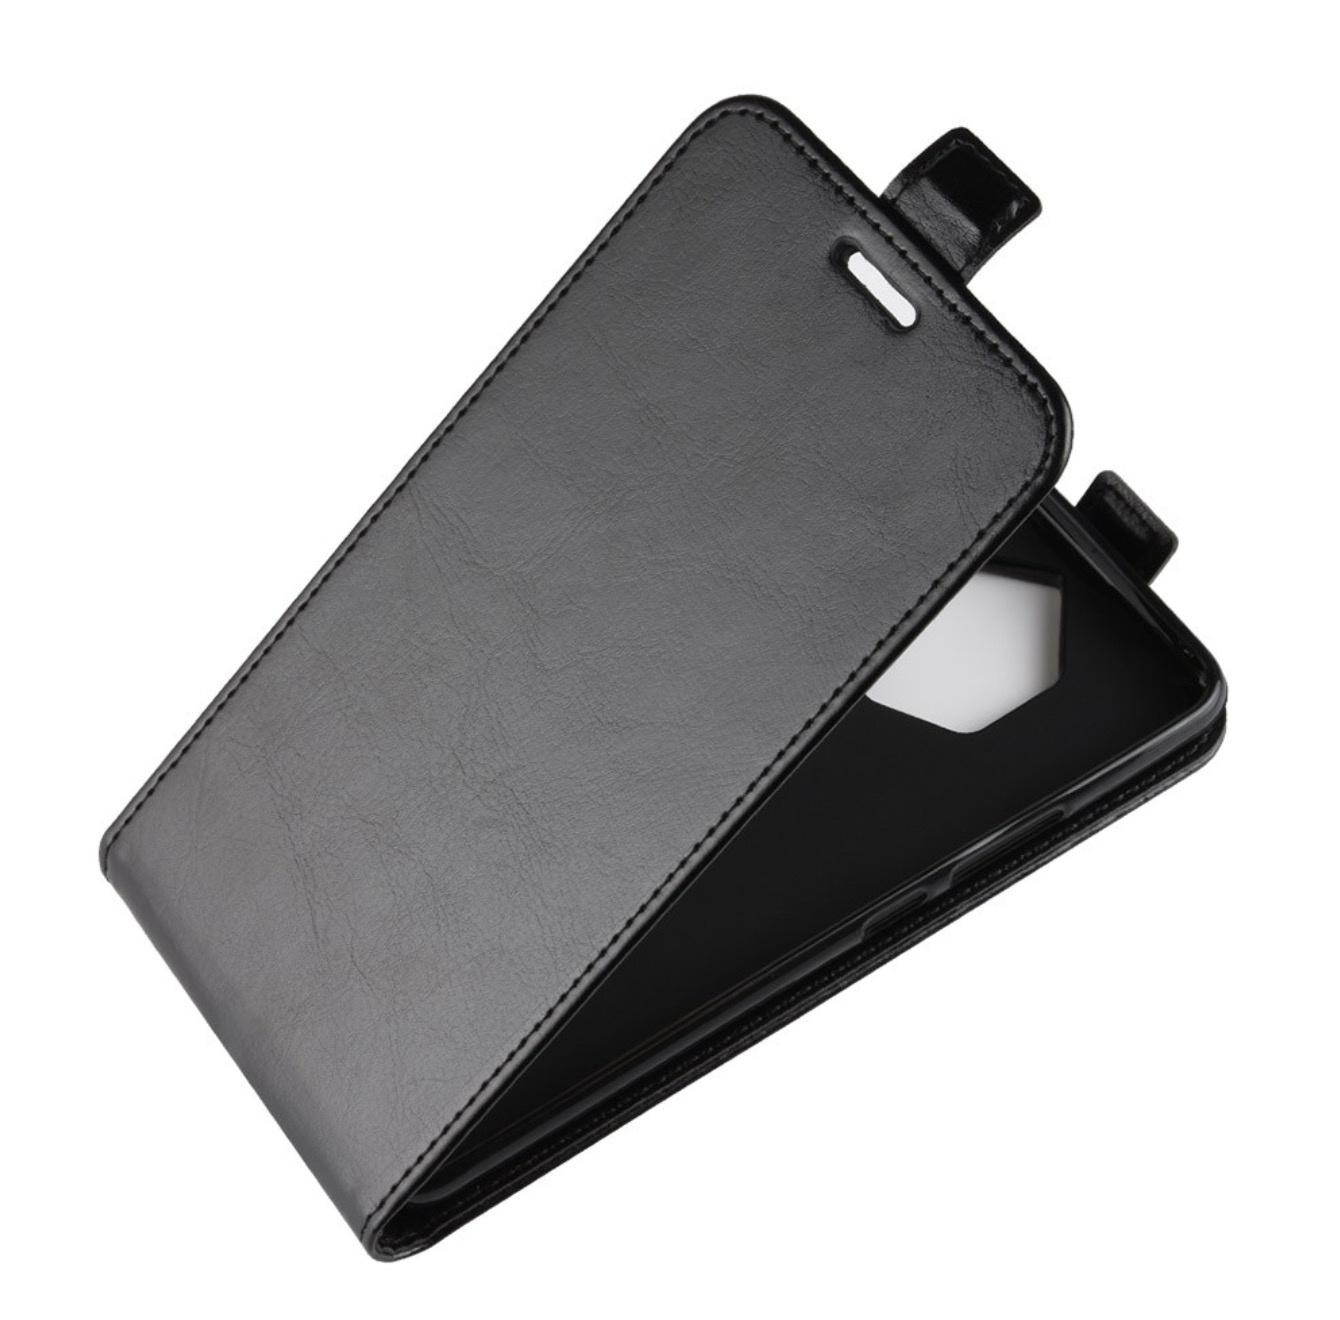 Чехол-флип MyPads для LG G4 вертикальный откидной черный